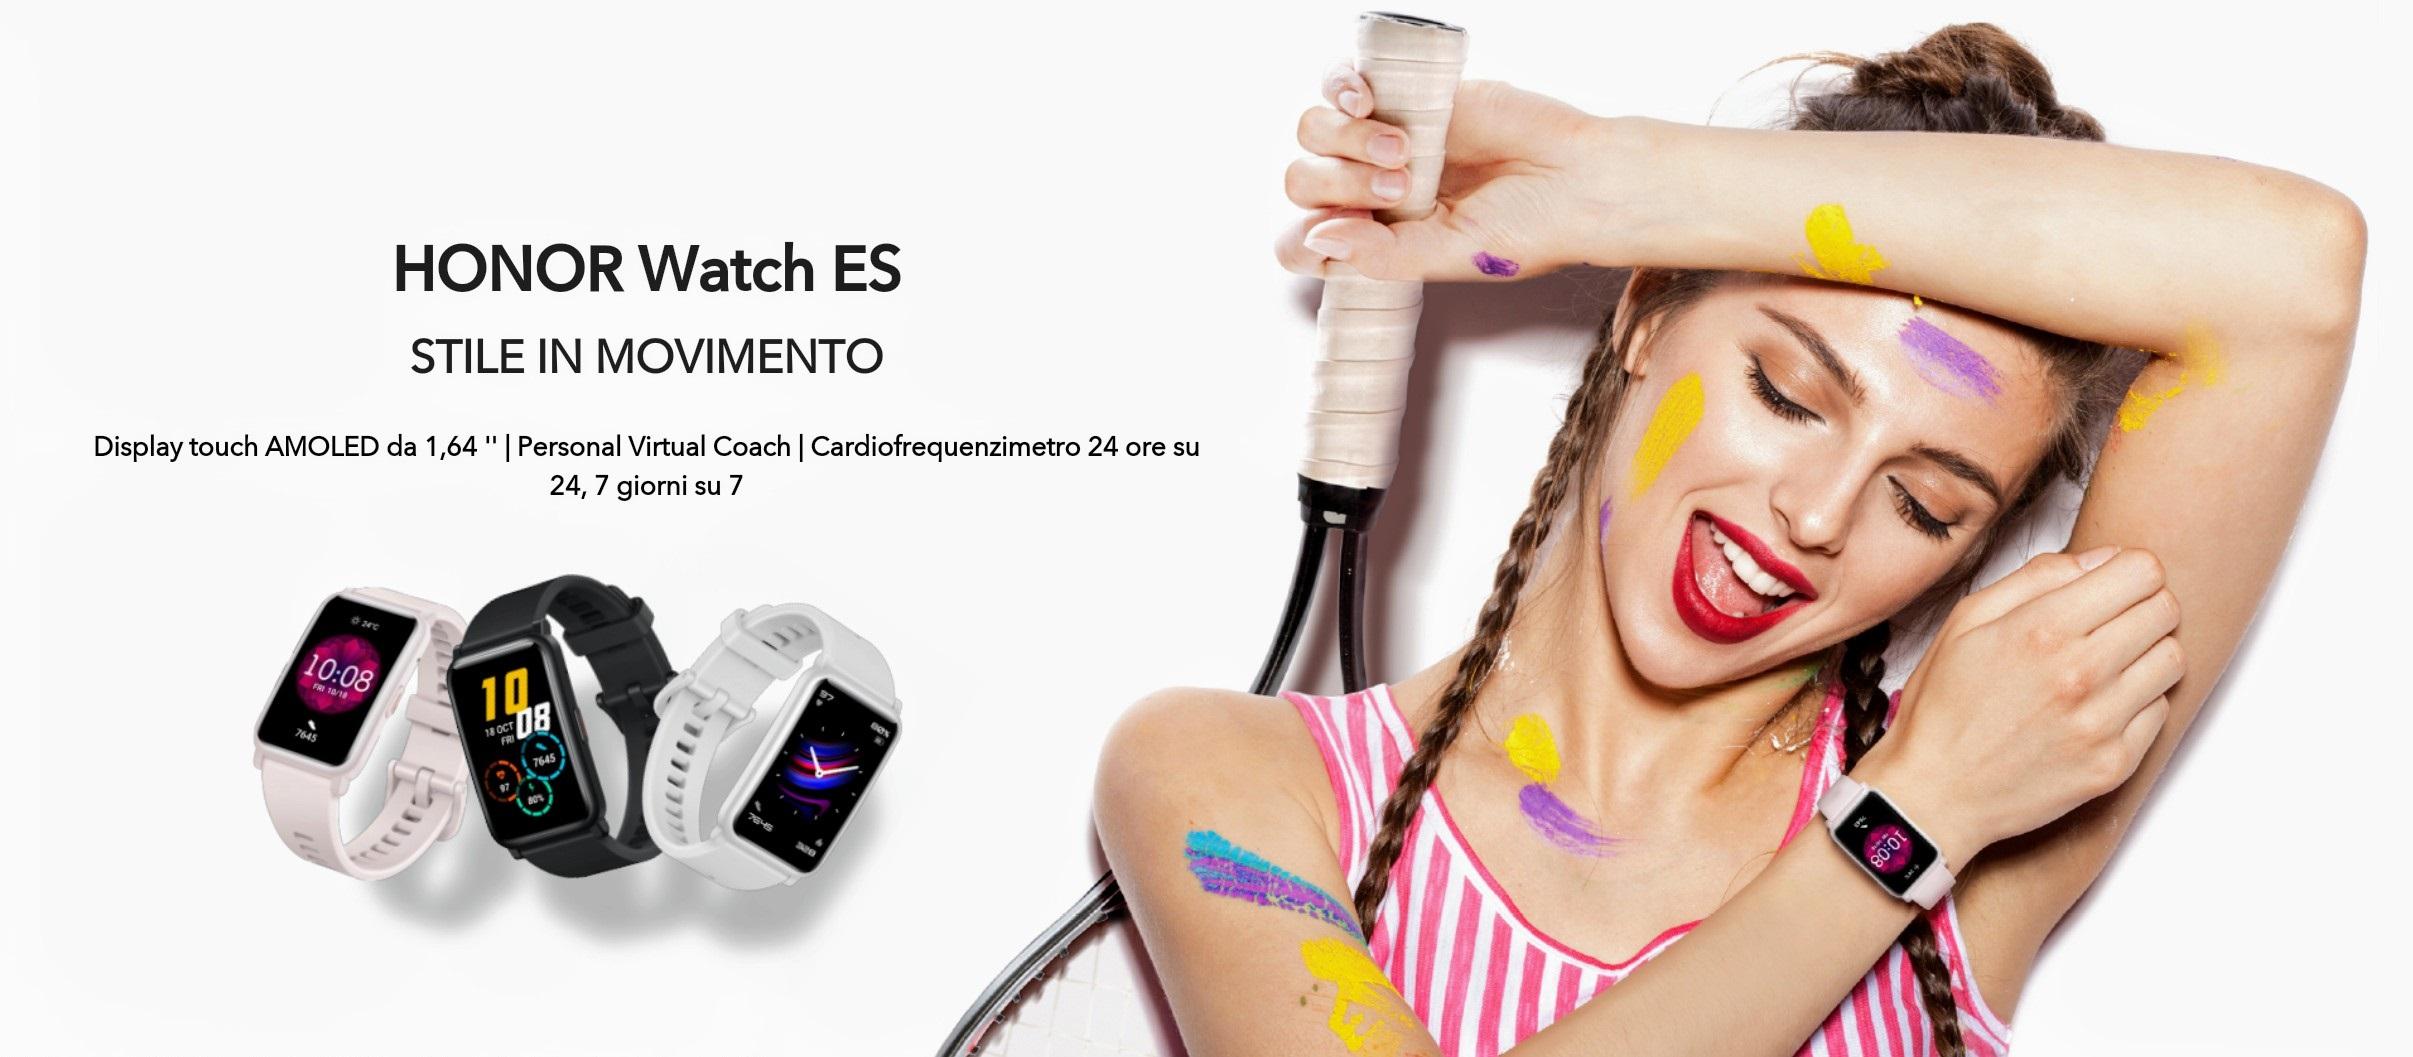 HONOR Watch ES è stato presentato ufficialmente: uno smartwatch molto interessante